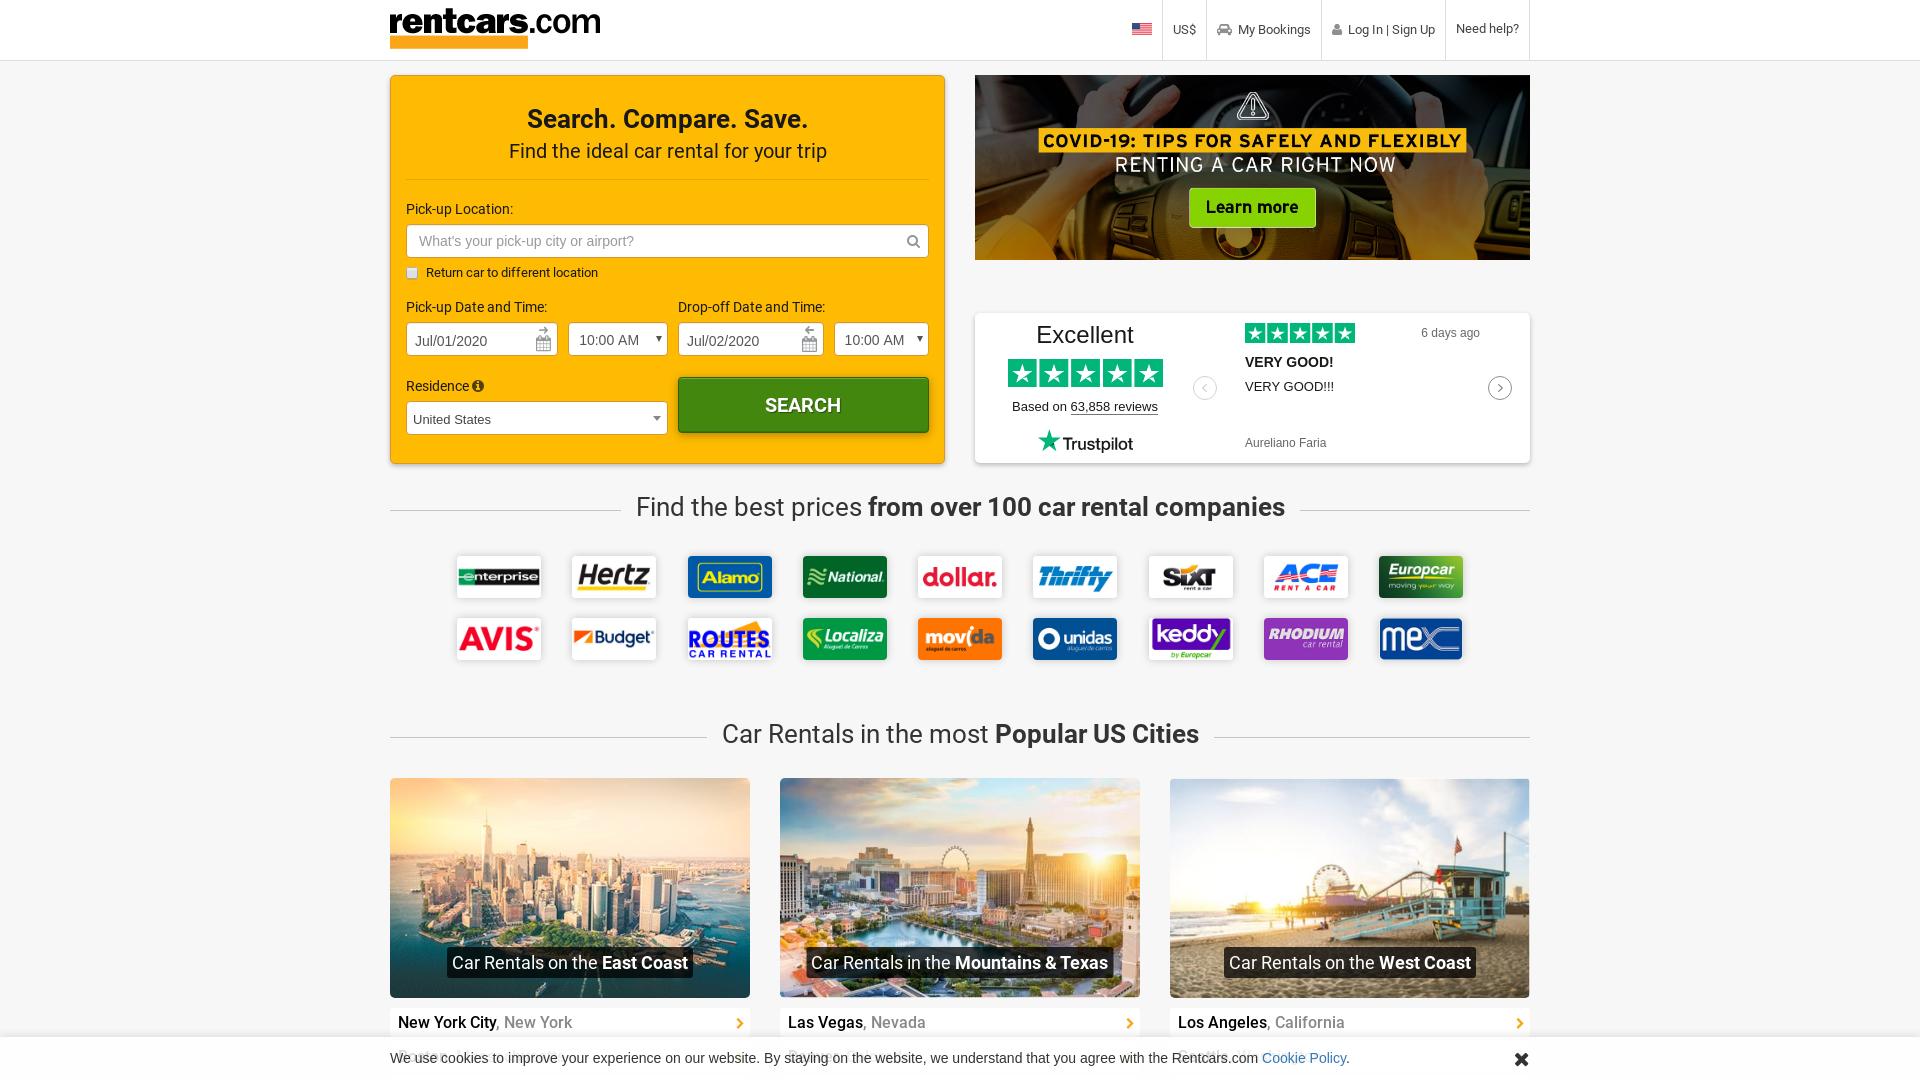 Rentcars.com website